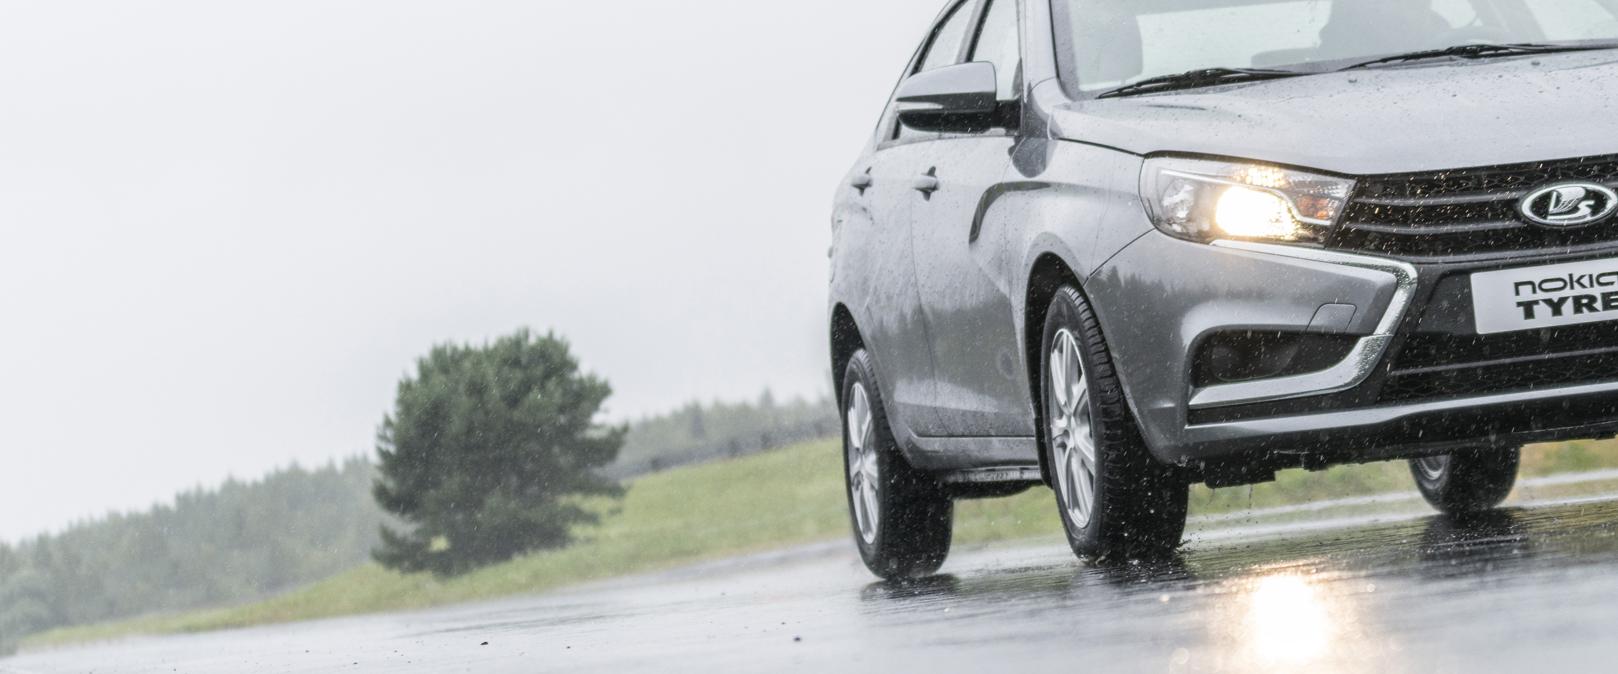 En bil på en regnfull vei